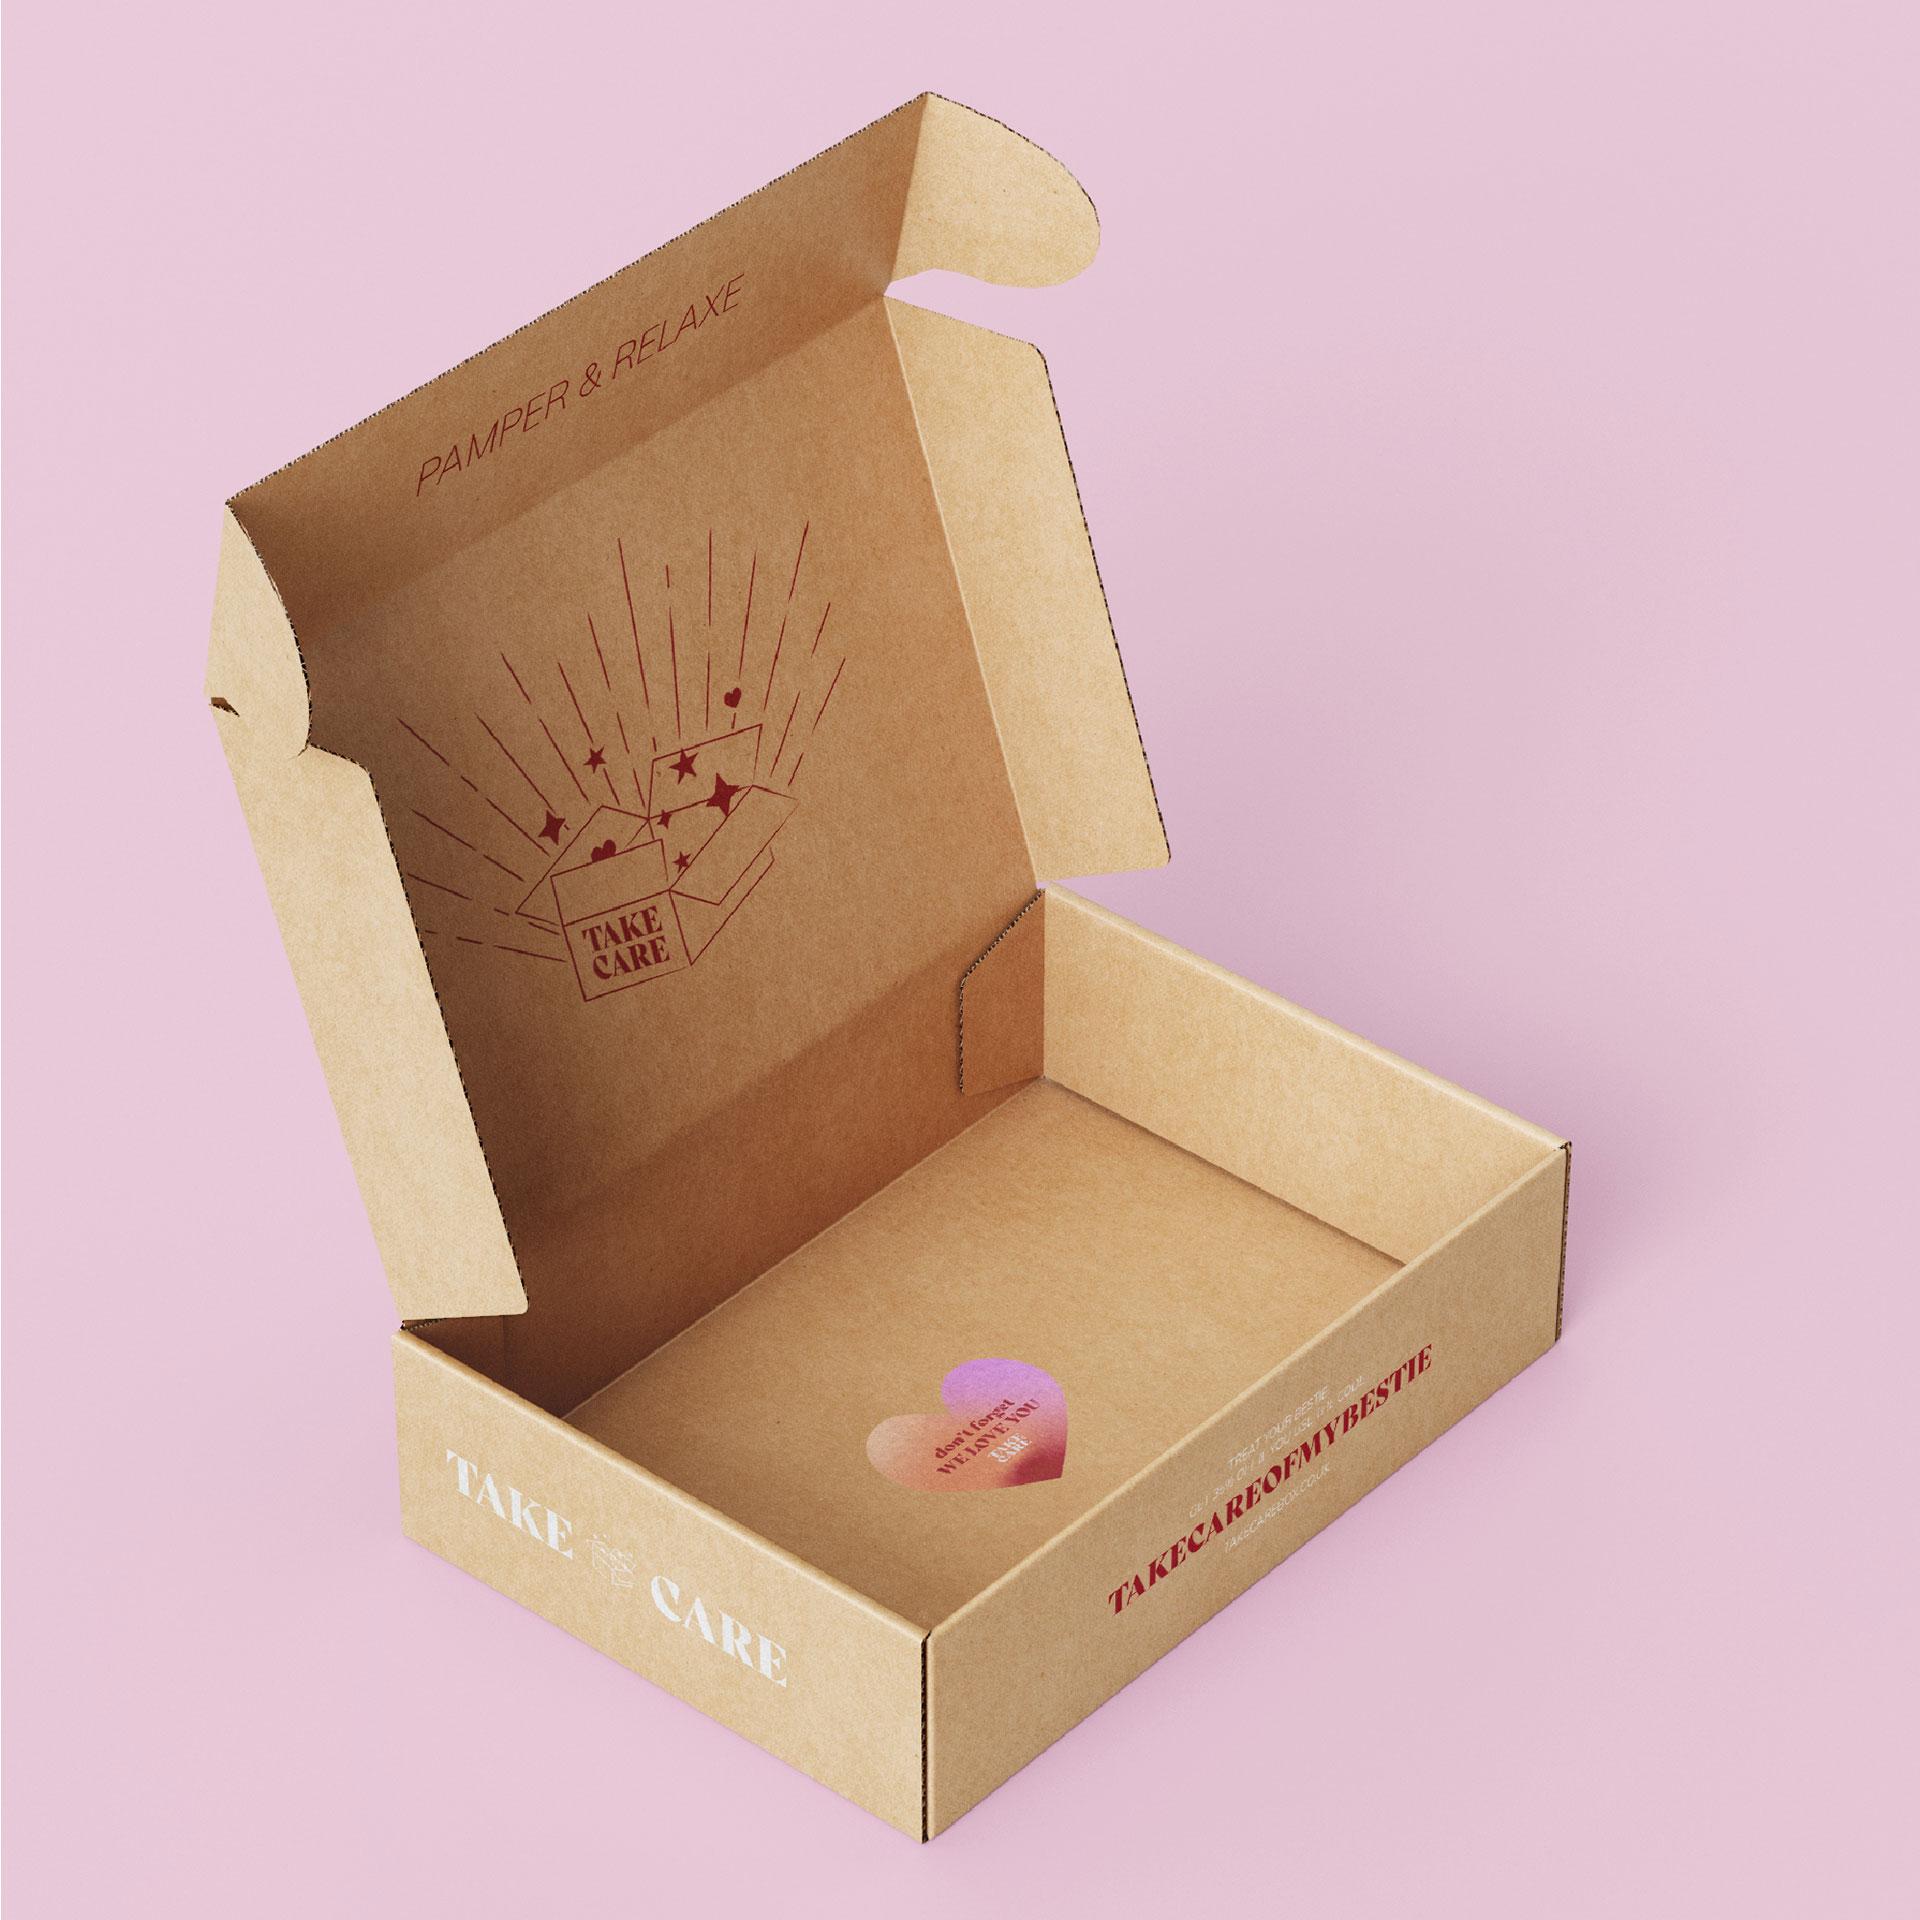 Open Box Design Mockup